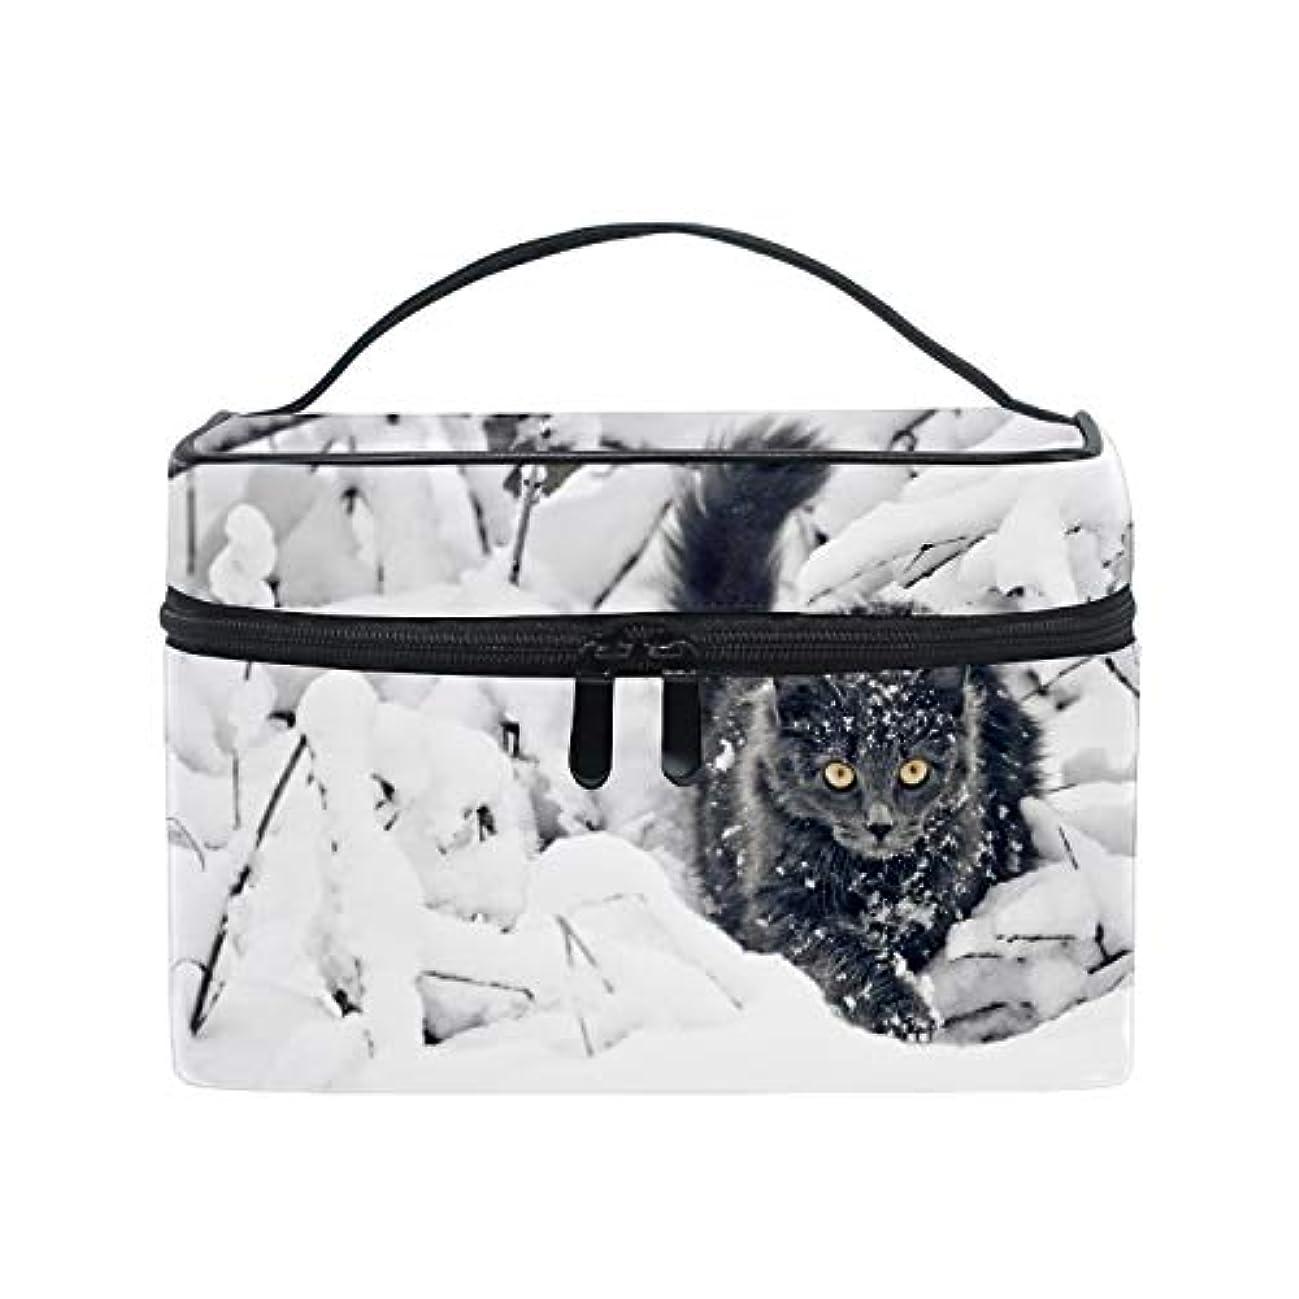 鈍い締める子供達収納バッグ 化粧ポーチ トラベルポーチ 小物入れ 大きめ 女の子 可愛い プレゼント猫雪動物ネイチャー